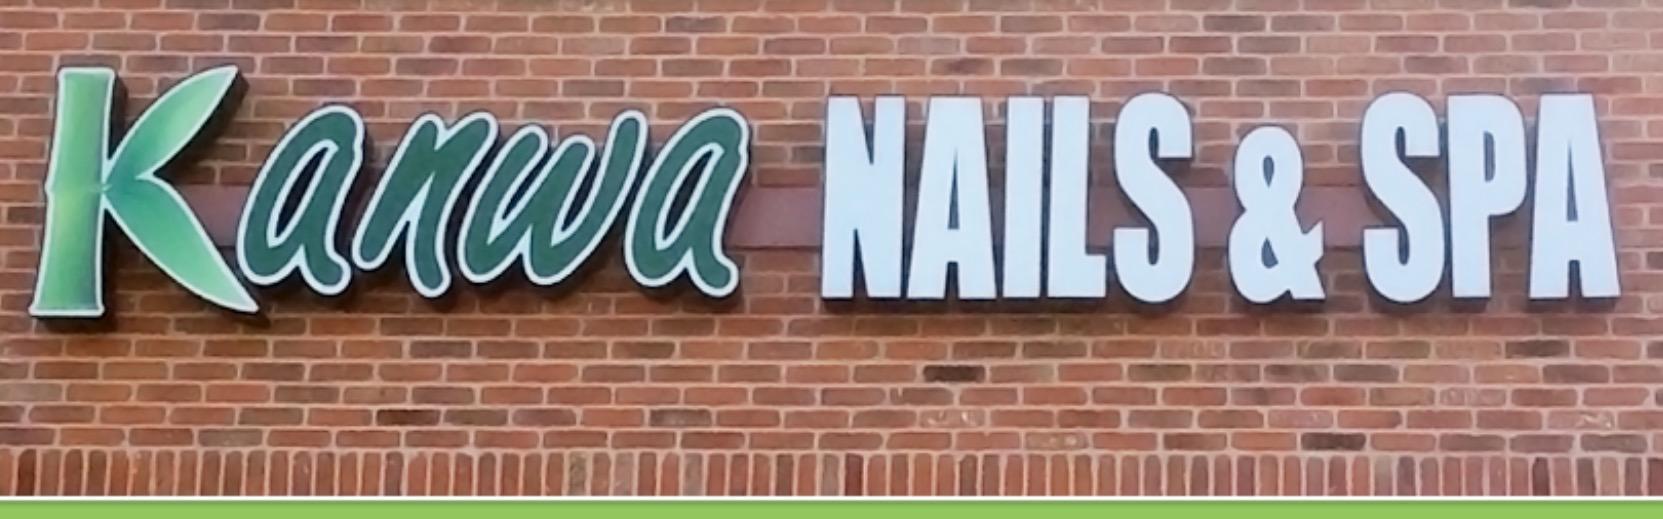 Kanwa Nails & Spa image 0